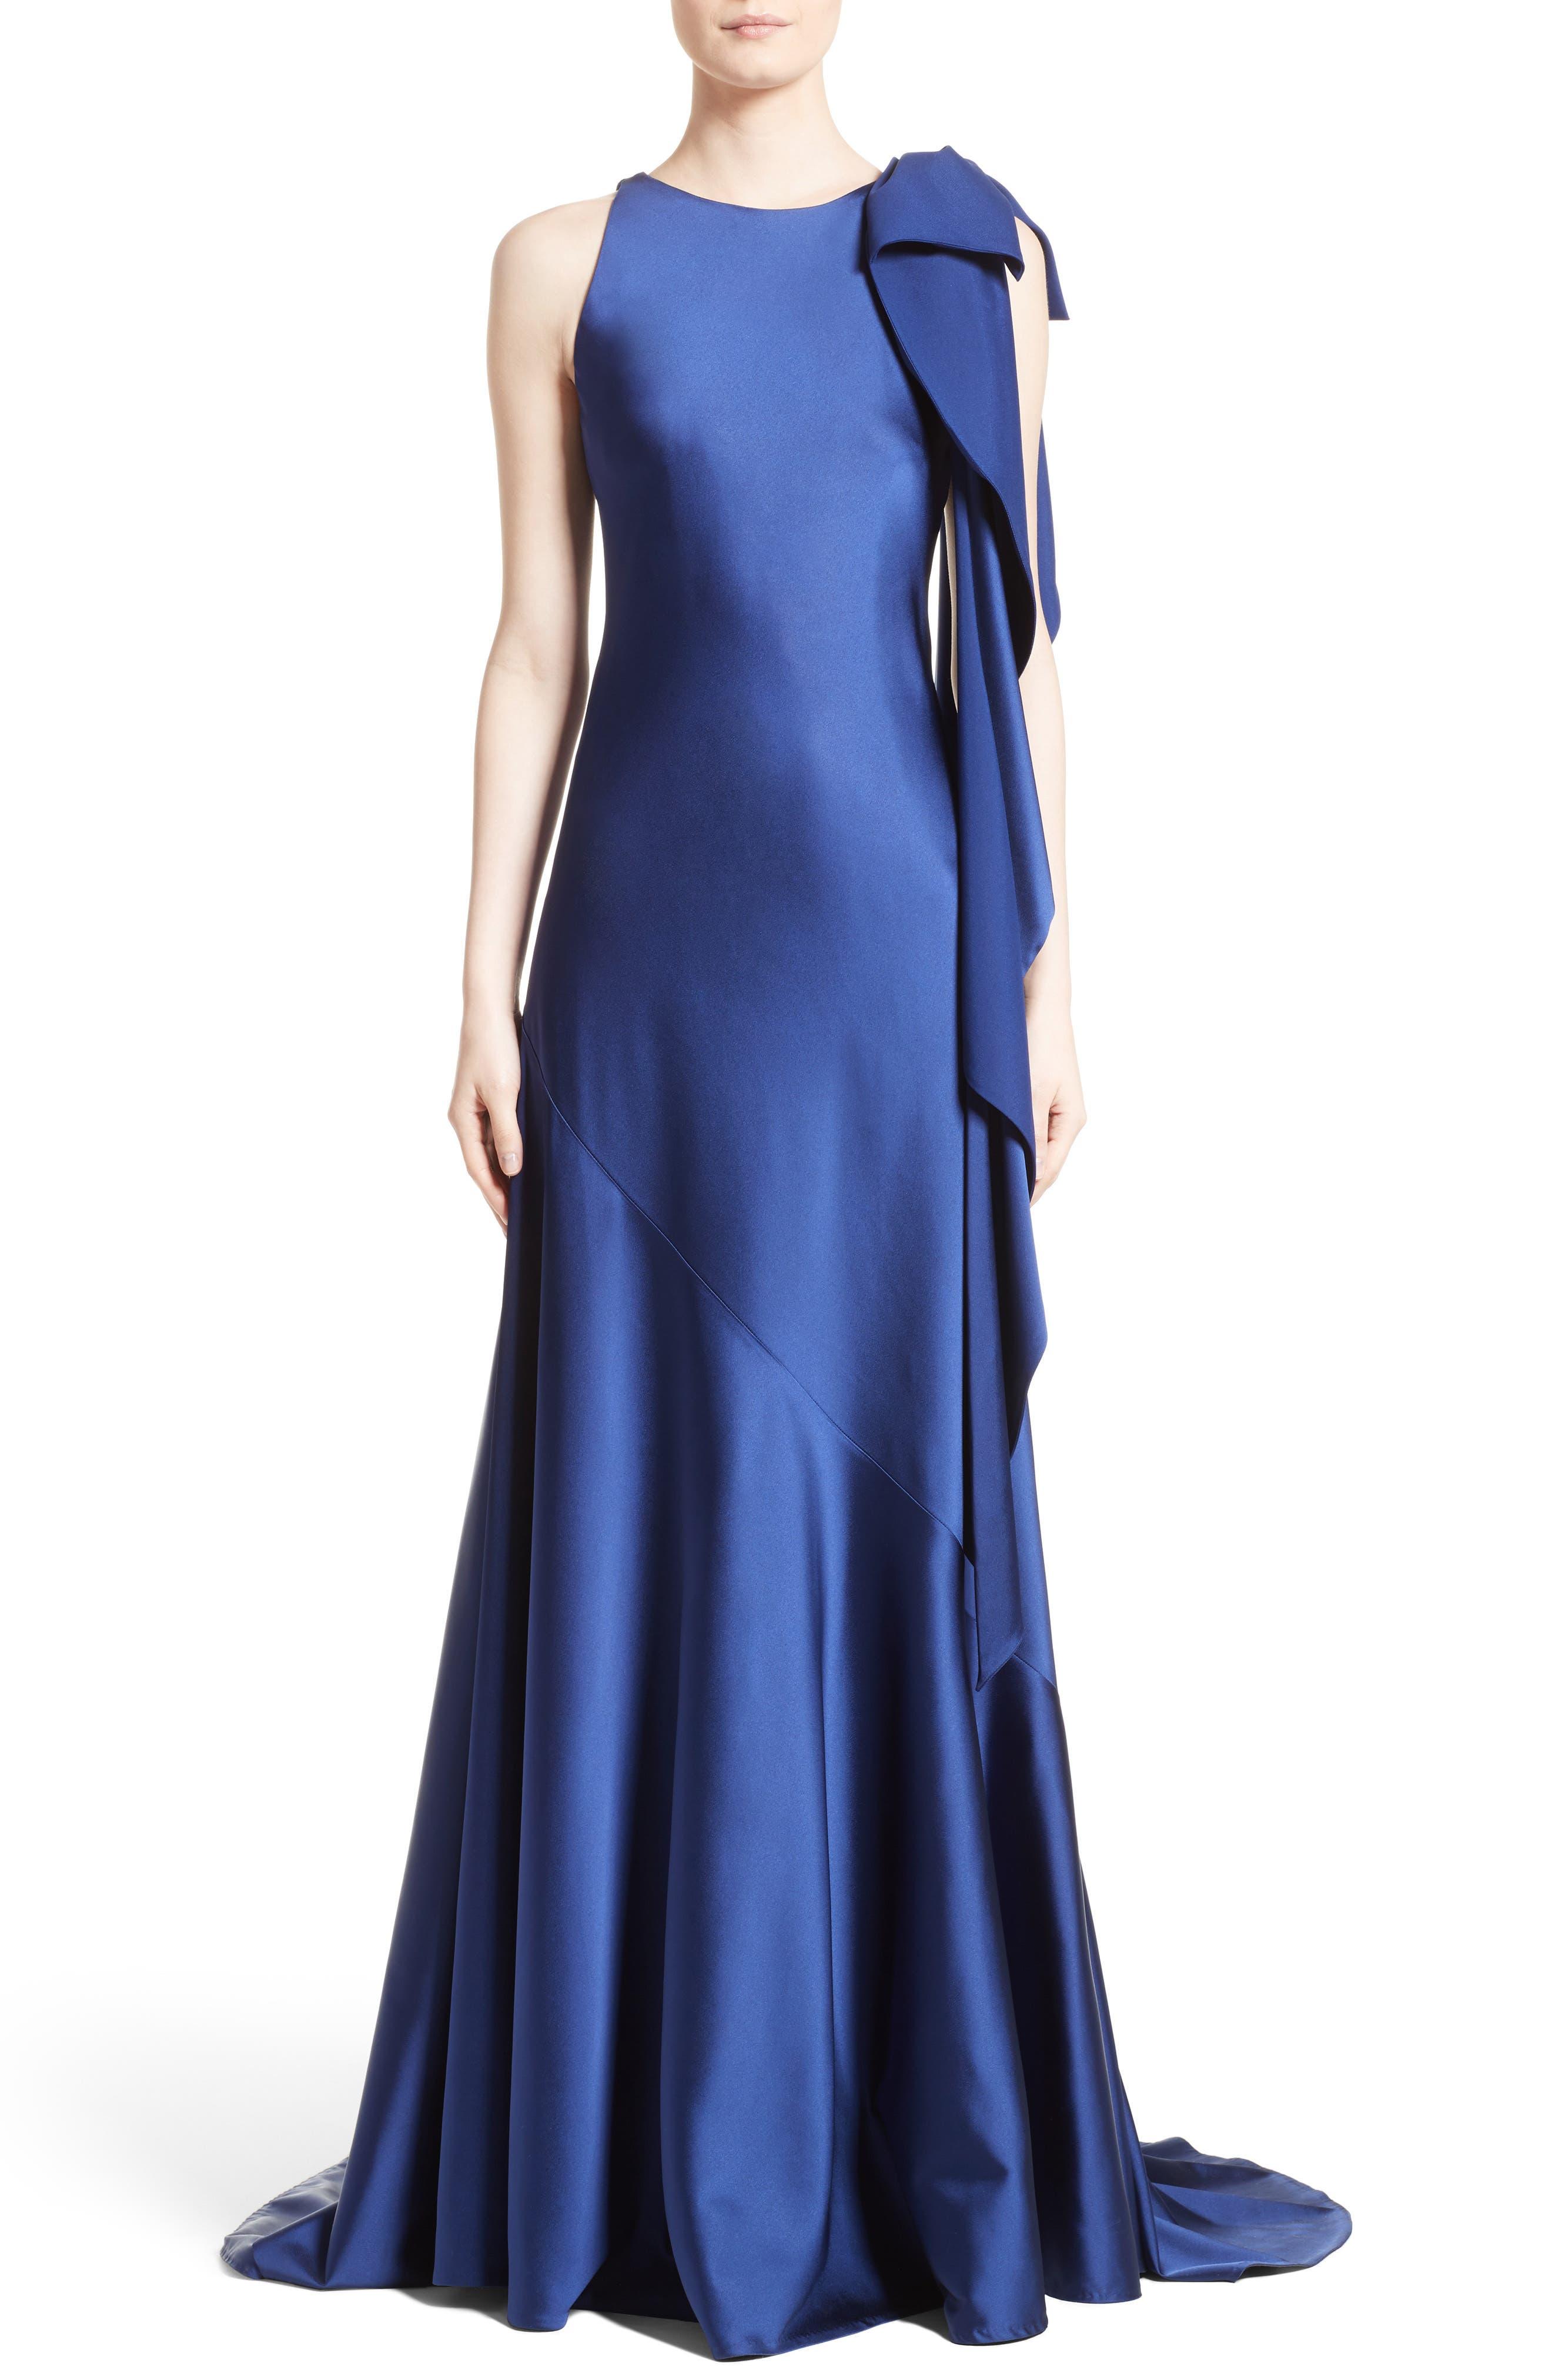 TALBOT RUNHOF Bow Detail Crepe Satin Gown